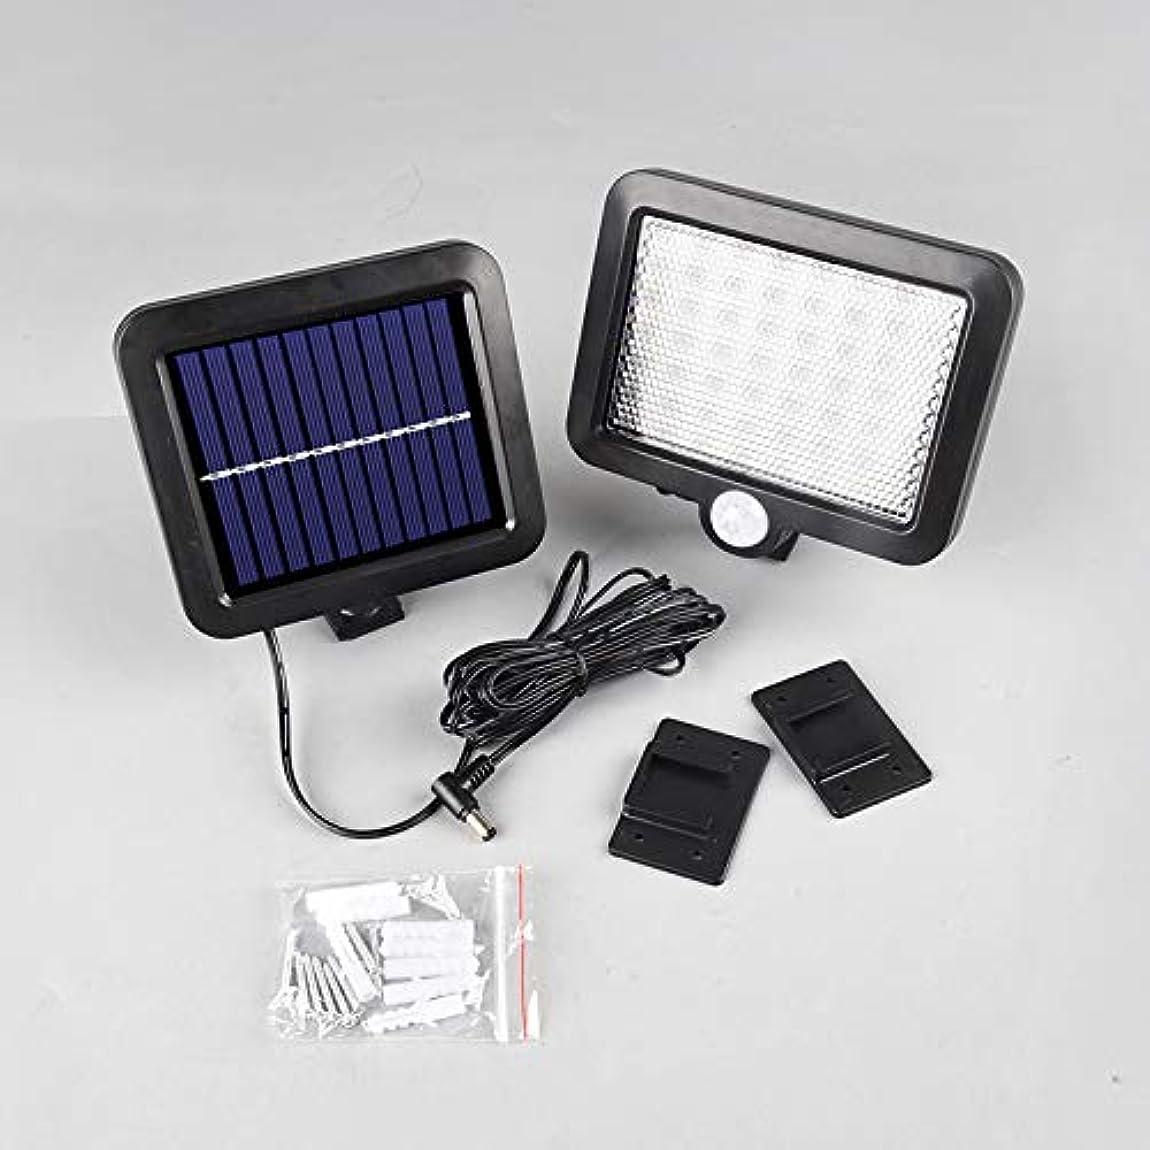 封筒争うアイドルフロントドアヤードポーチパティオガレージ用ソーラー安全光黒太陽ドア光屋外56 LEDソーラー壁ライト5500mAhの電池容量